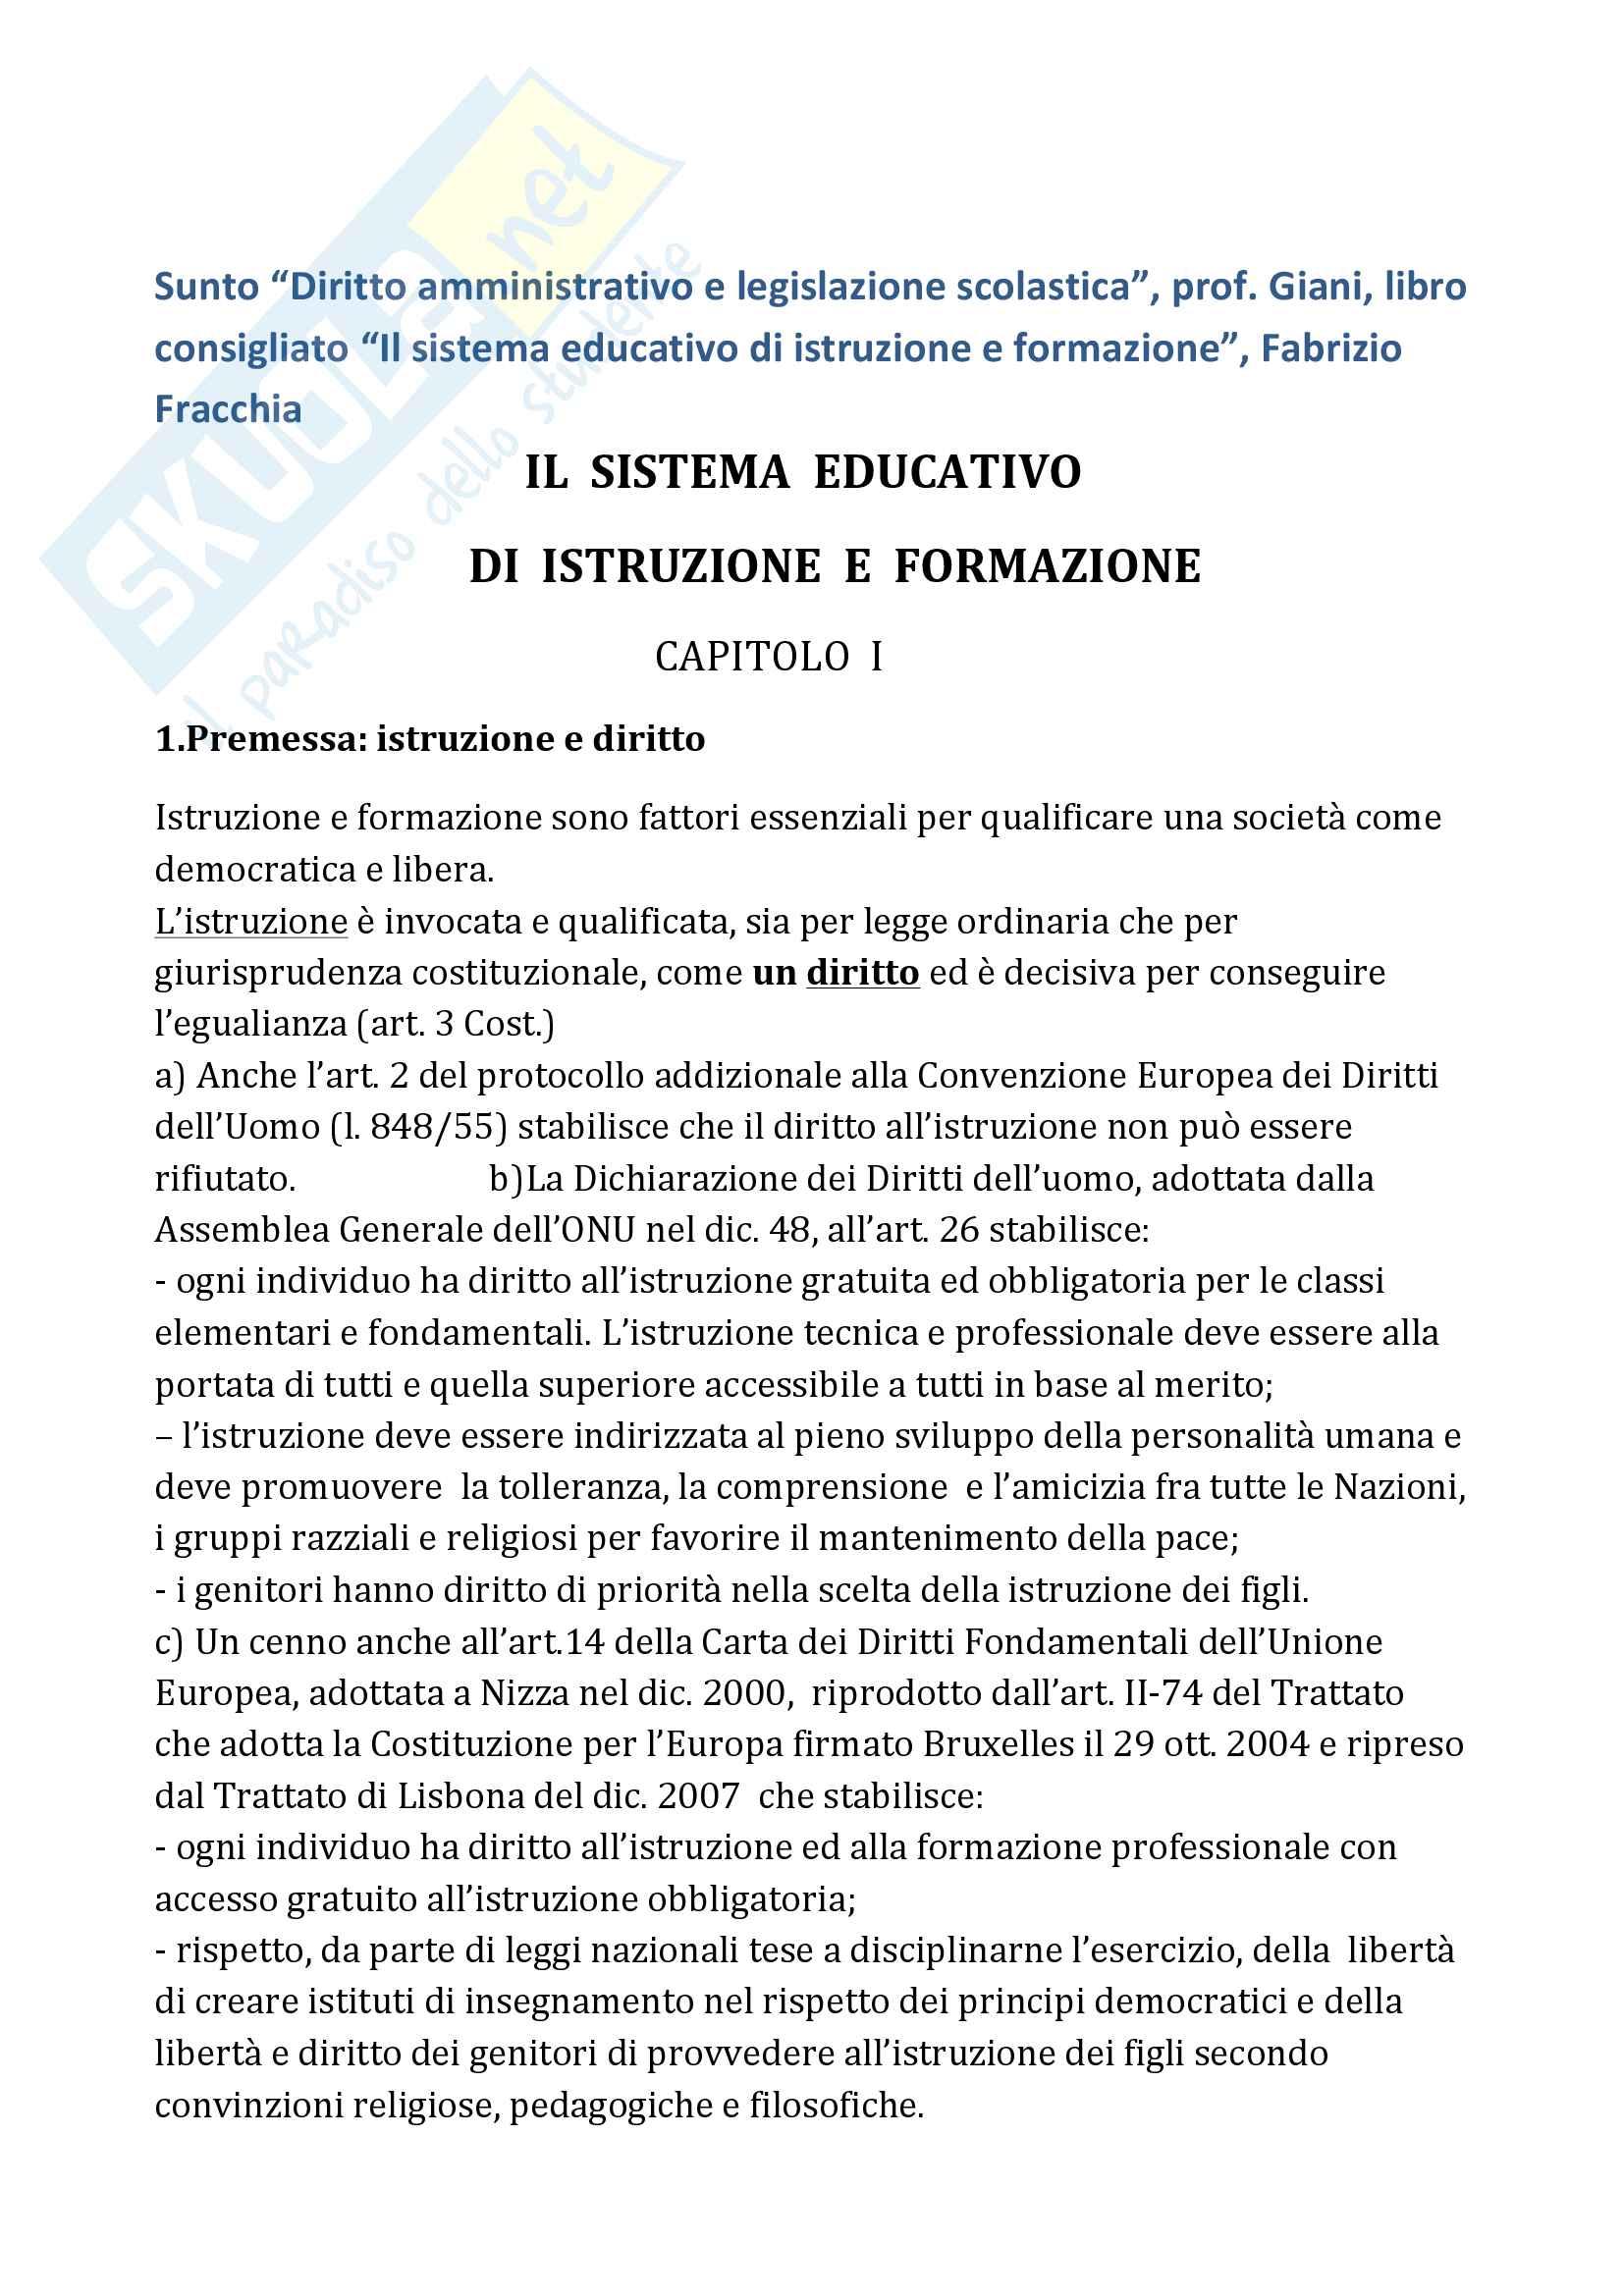 """Riassunto esame """"Diritto amministrativo e legislazione scolastica"""", prof. Giani, libro consigliato """"Il sistema educativo di istruzione e formazione"""" - prima parte, Fabrizio Fracchia"""